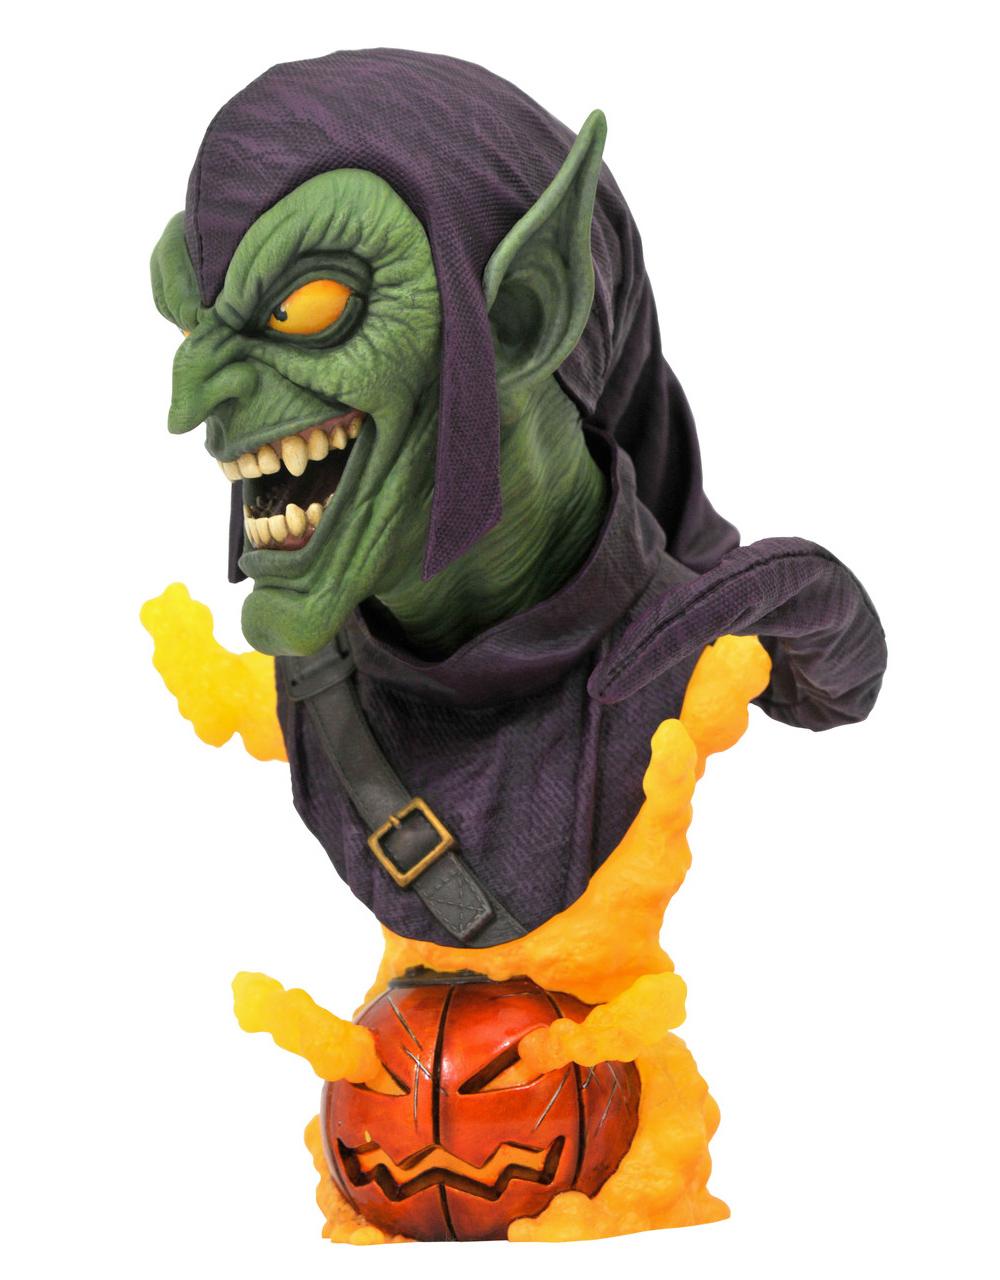 Busto Duende Verde Legends in 3D Marvel em Escala 1:2